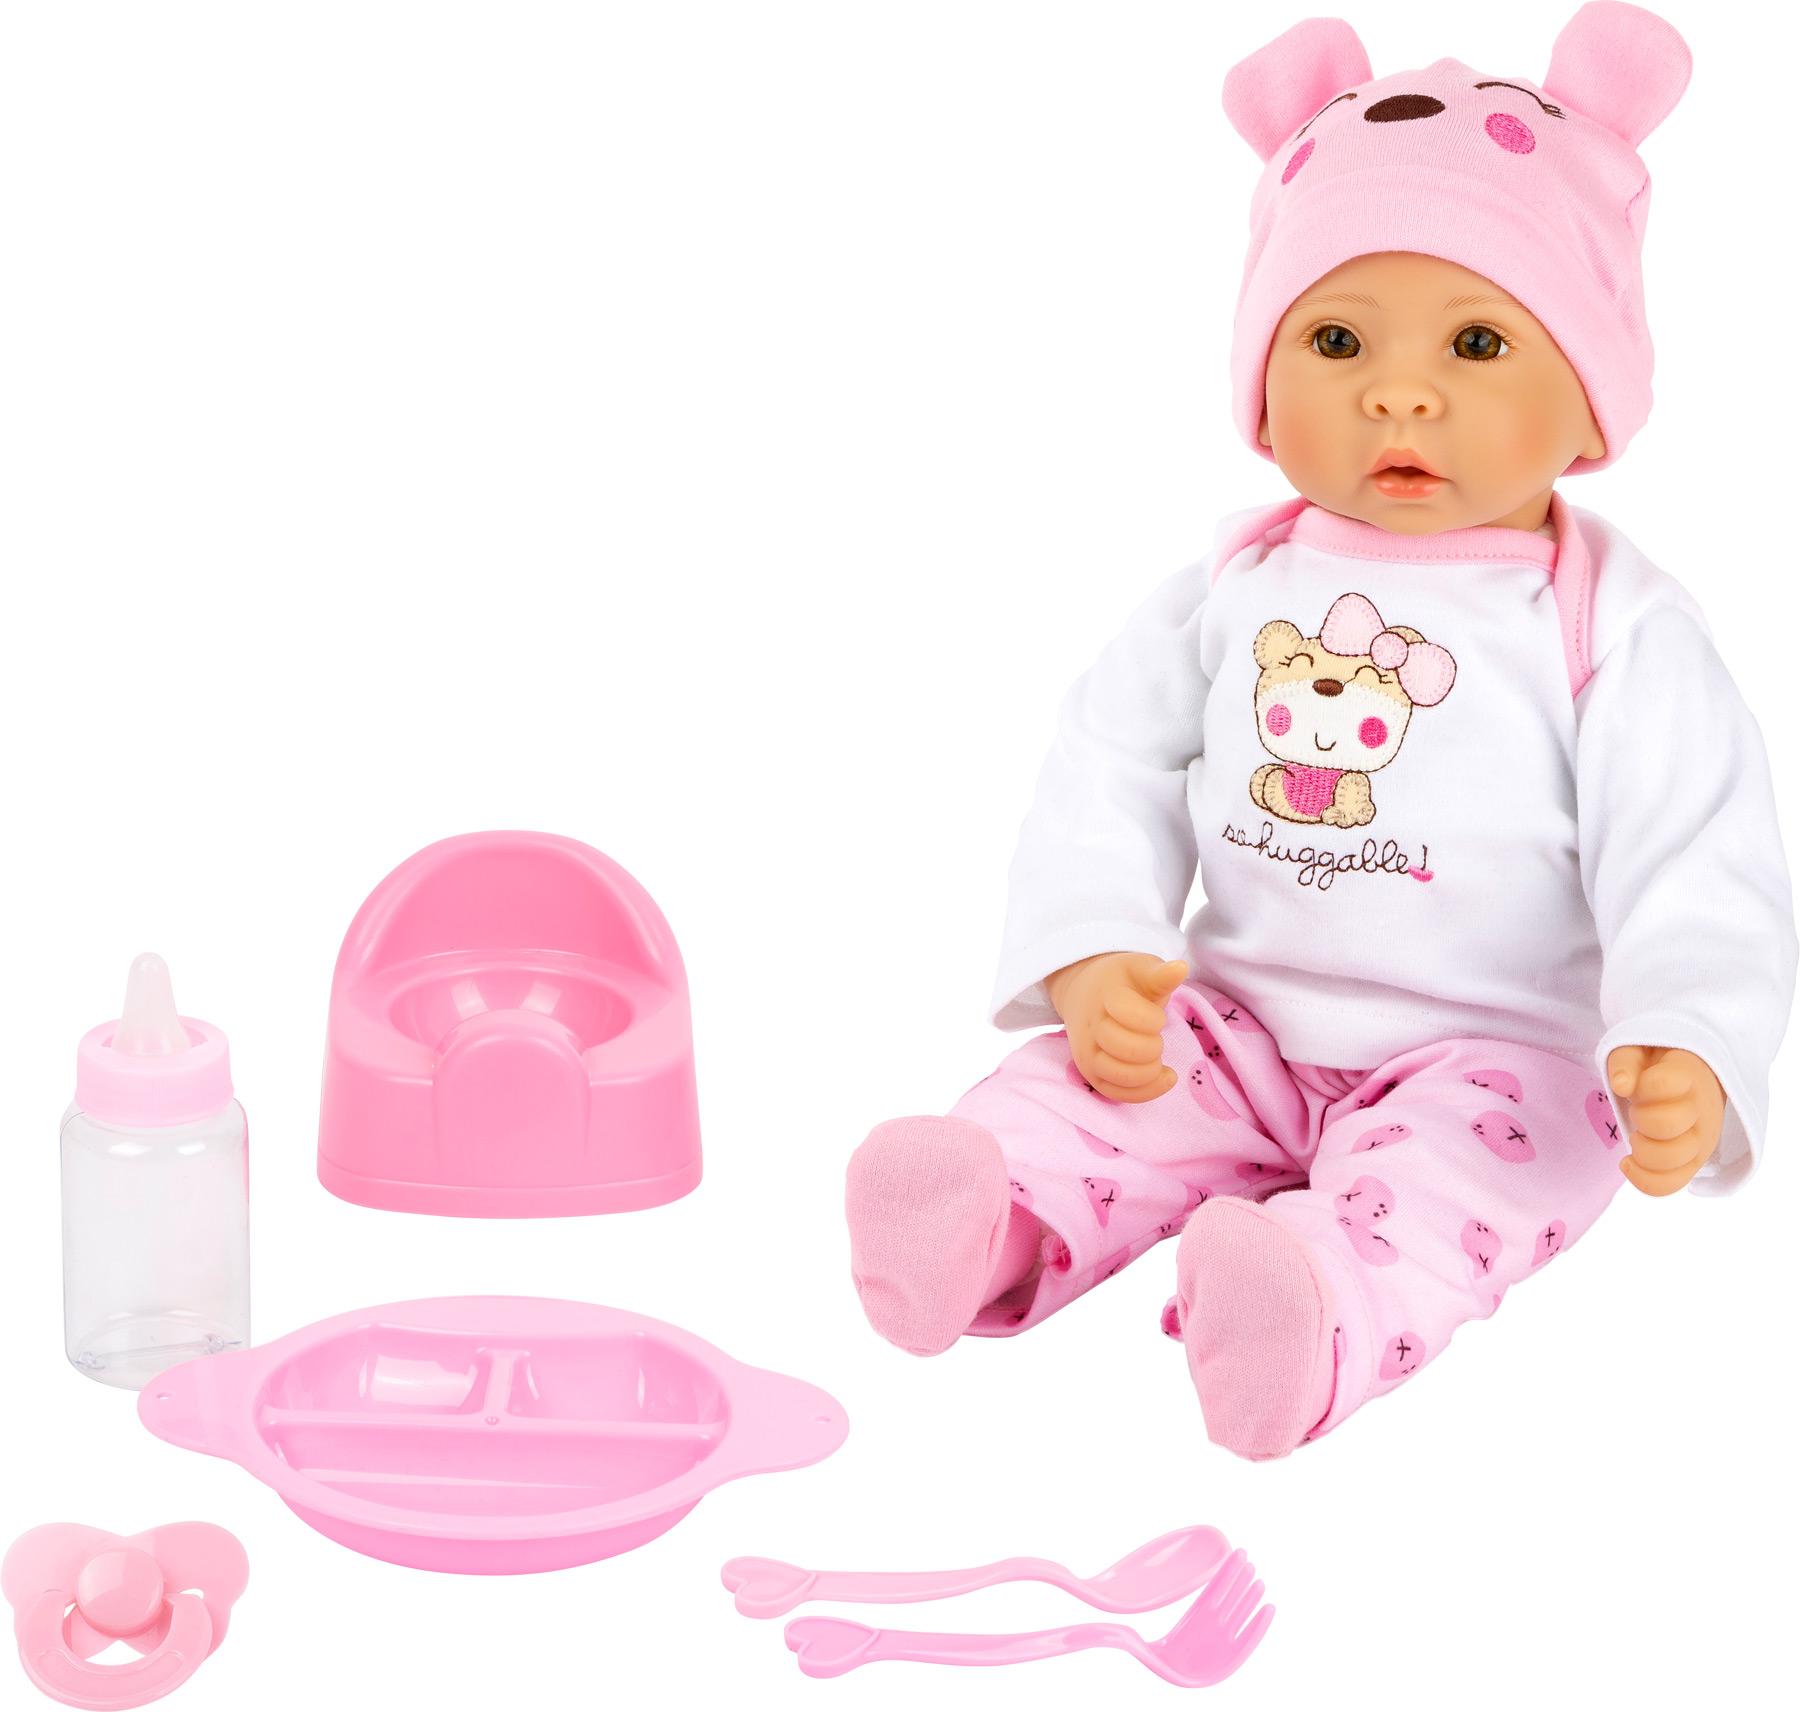 Bambola bebè Marie, con accessori